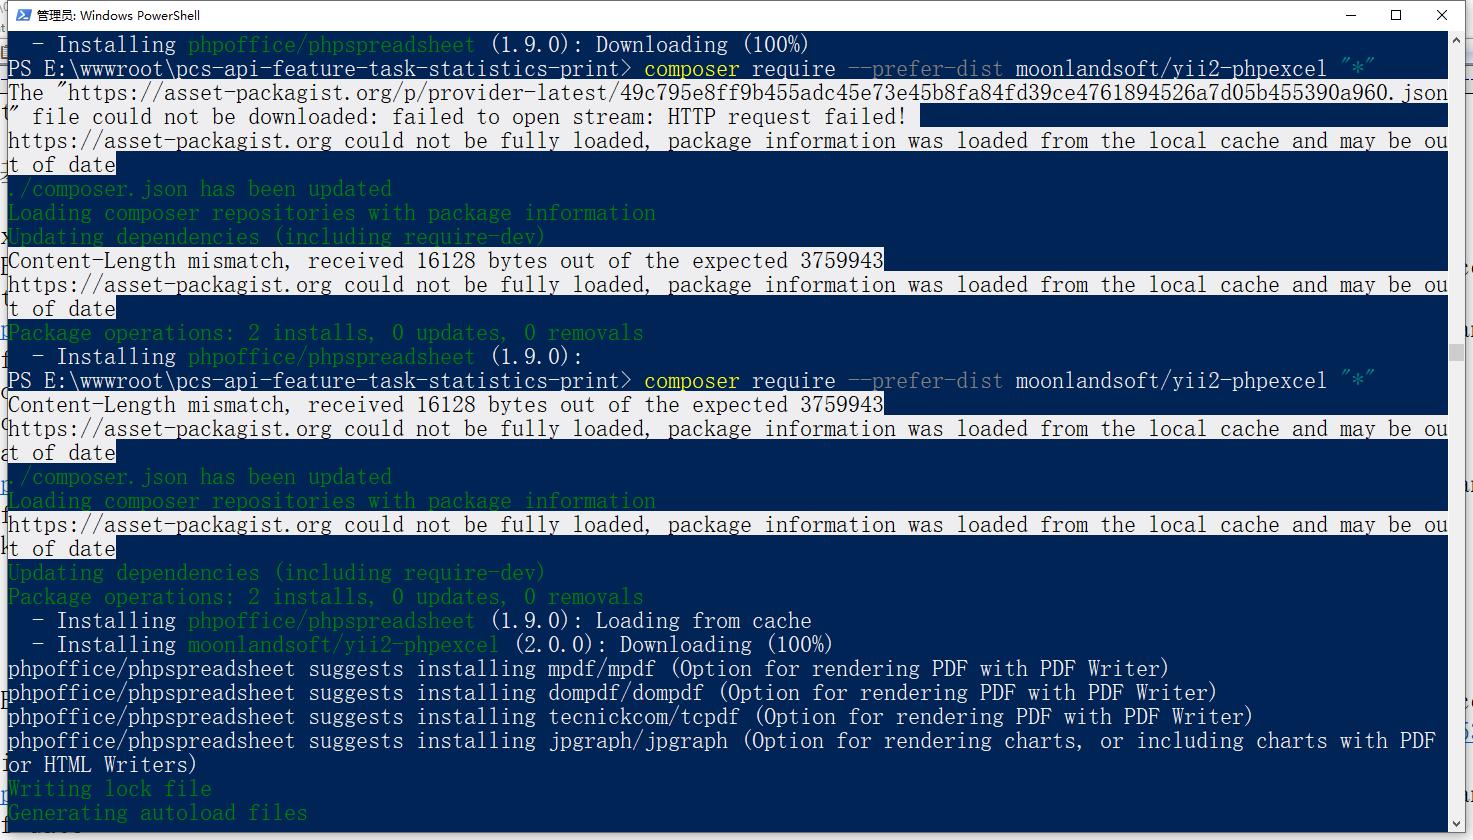 基于 Composer 安装此扩展,执行如下命令:,注:由于网络问题,总计执行了 3 次,第 3 次为翻墙之后再执行